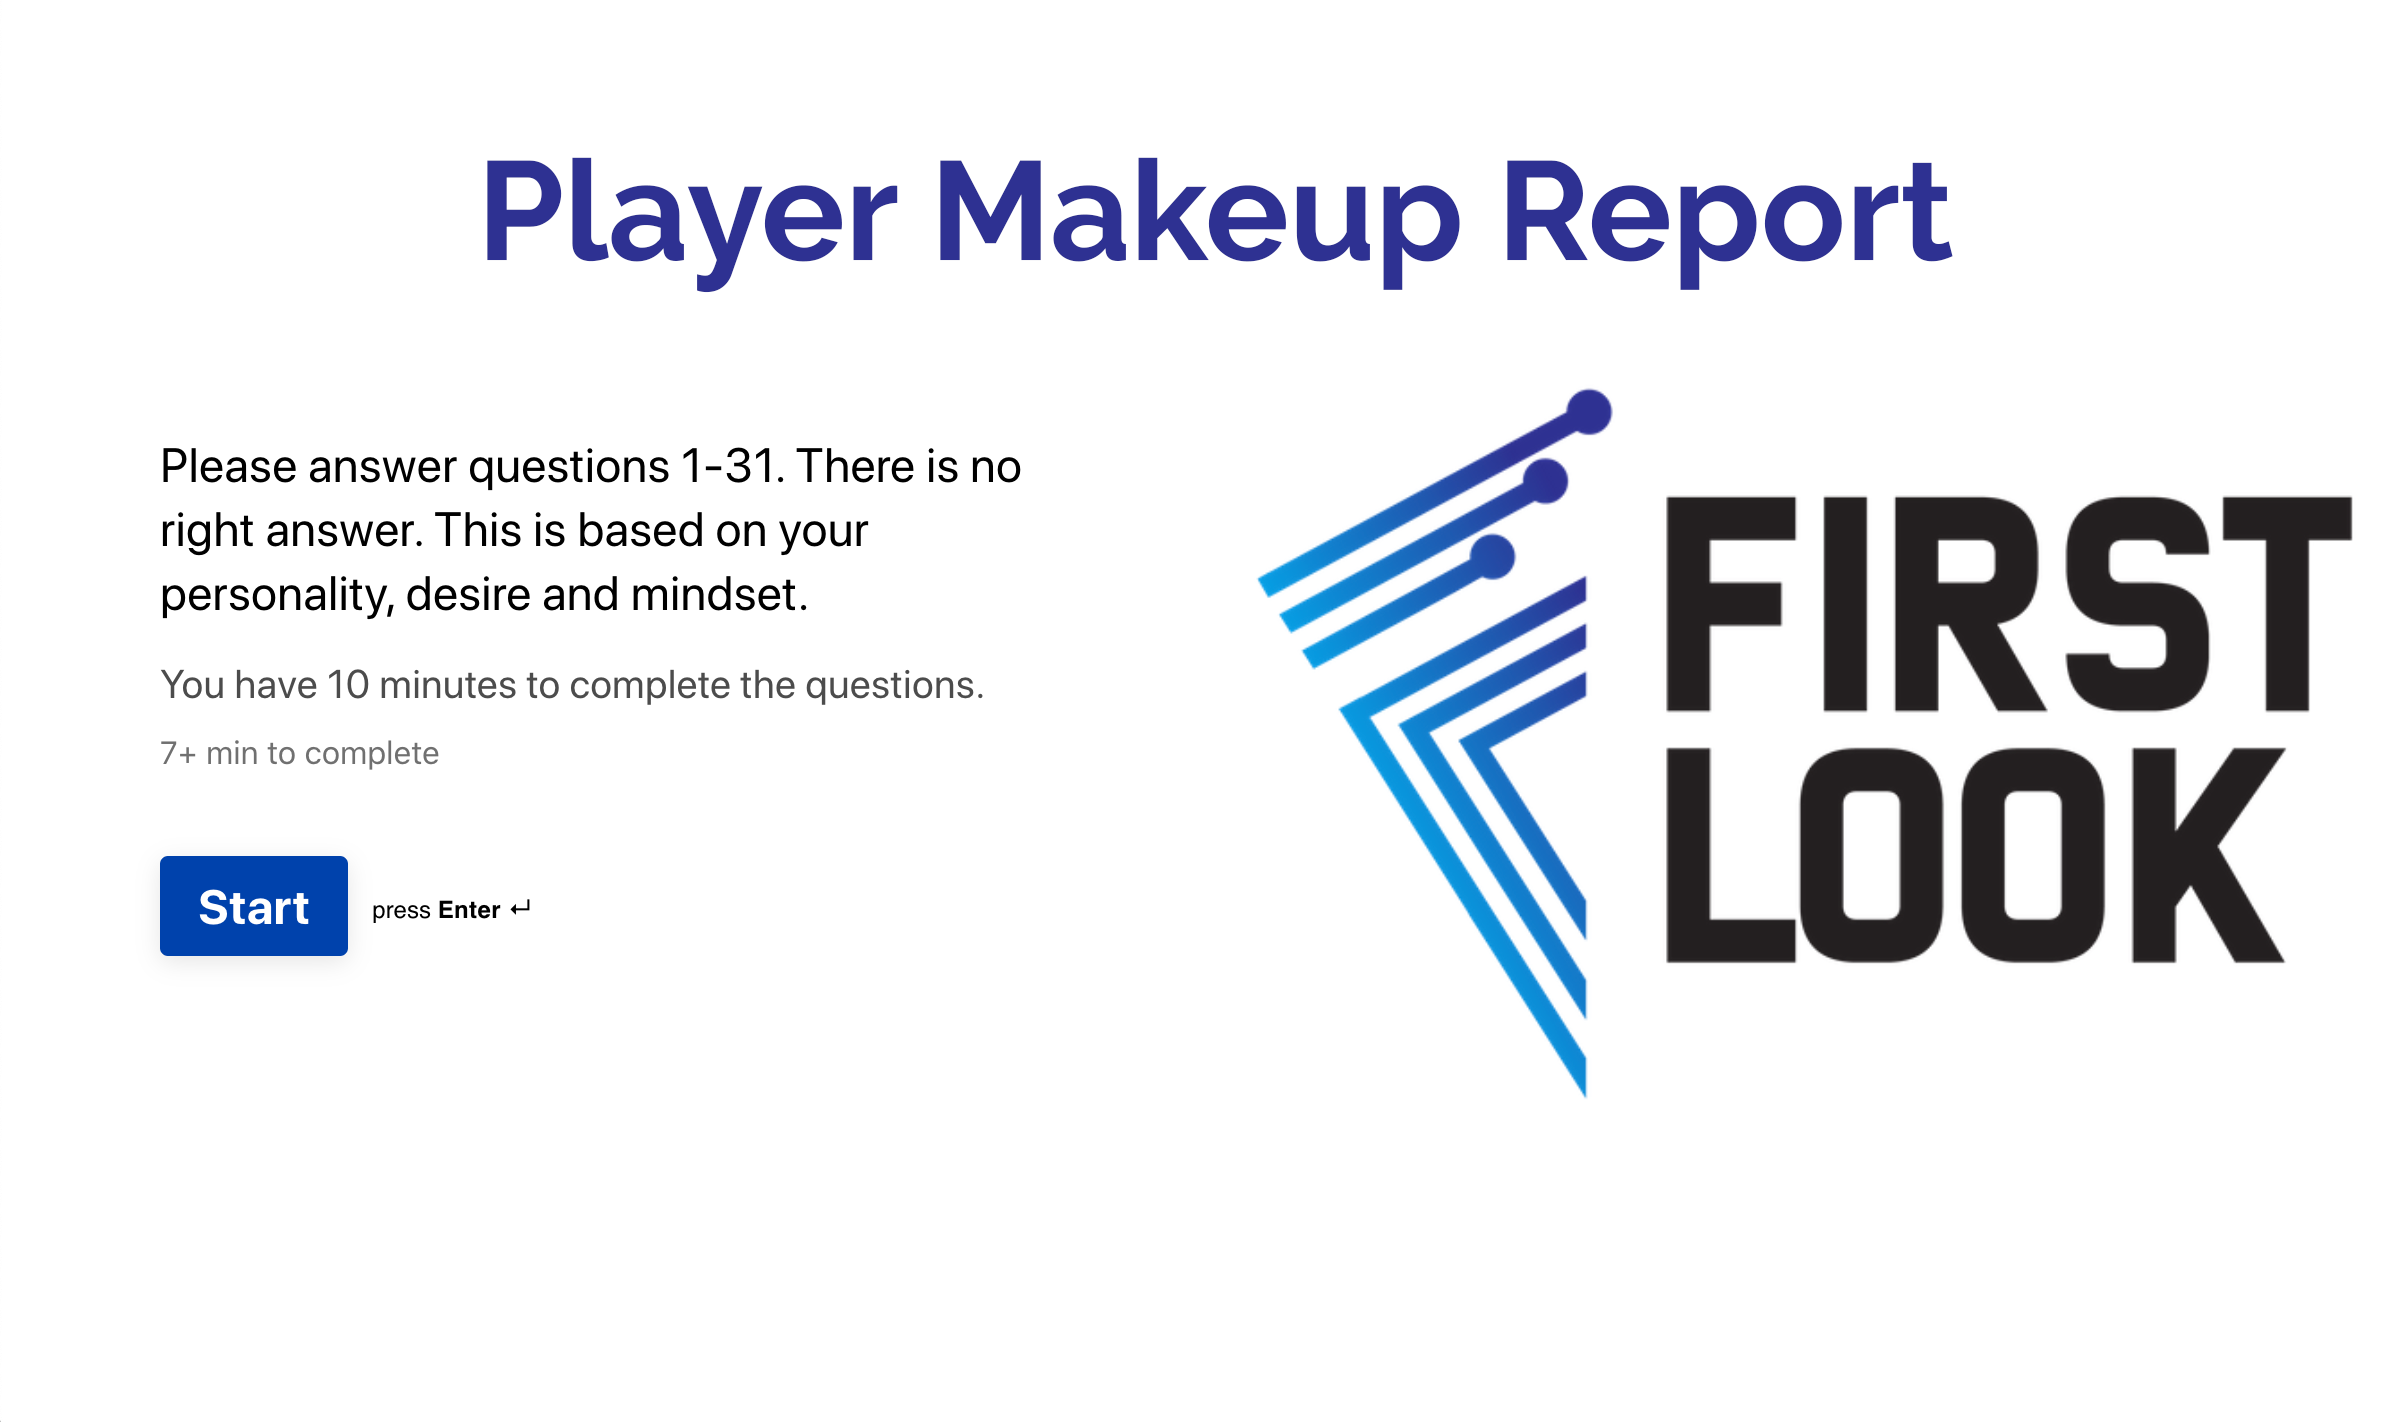 Player Makeup Report